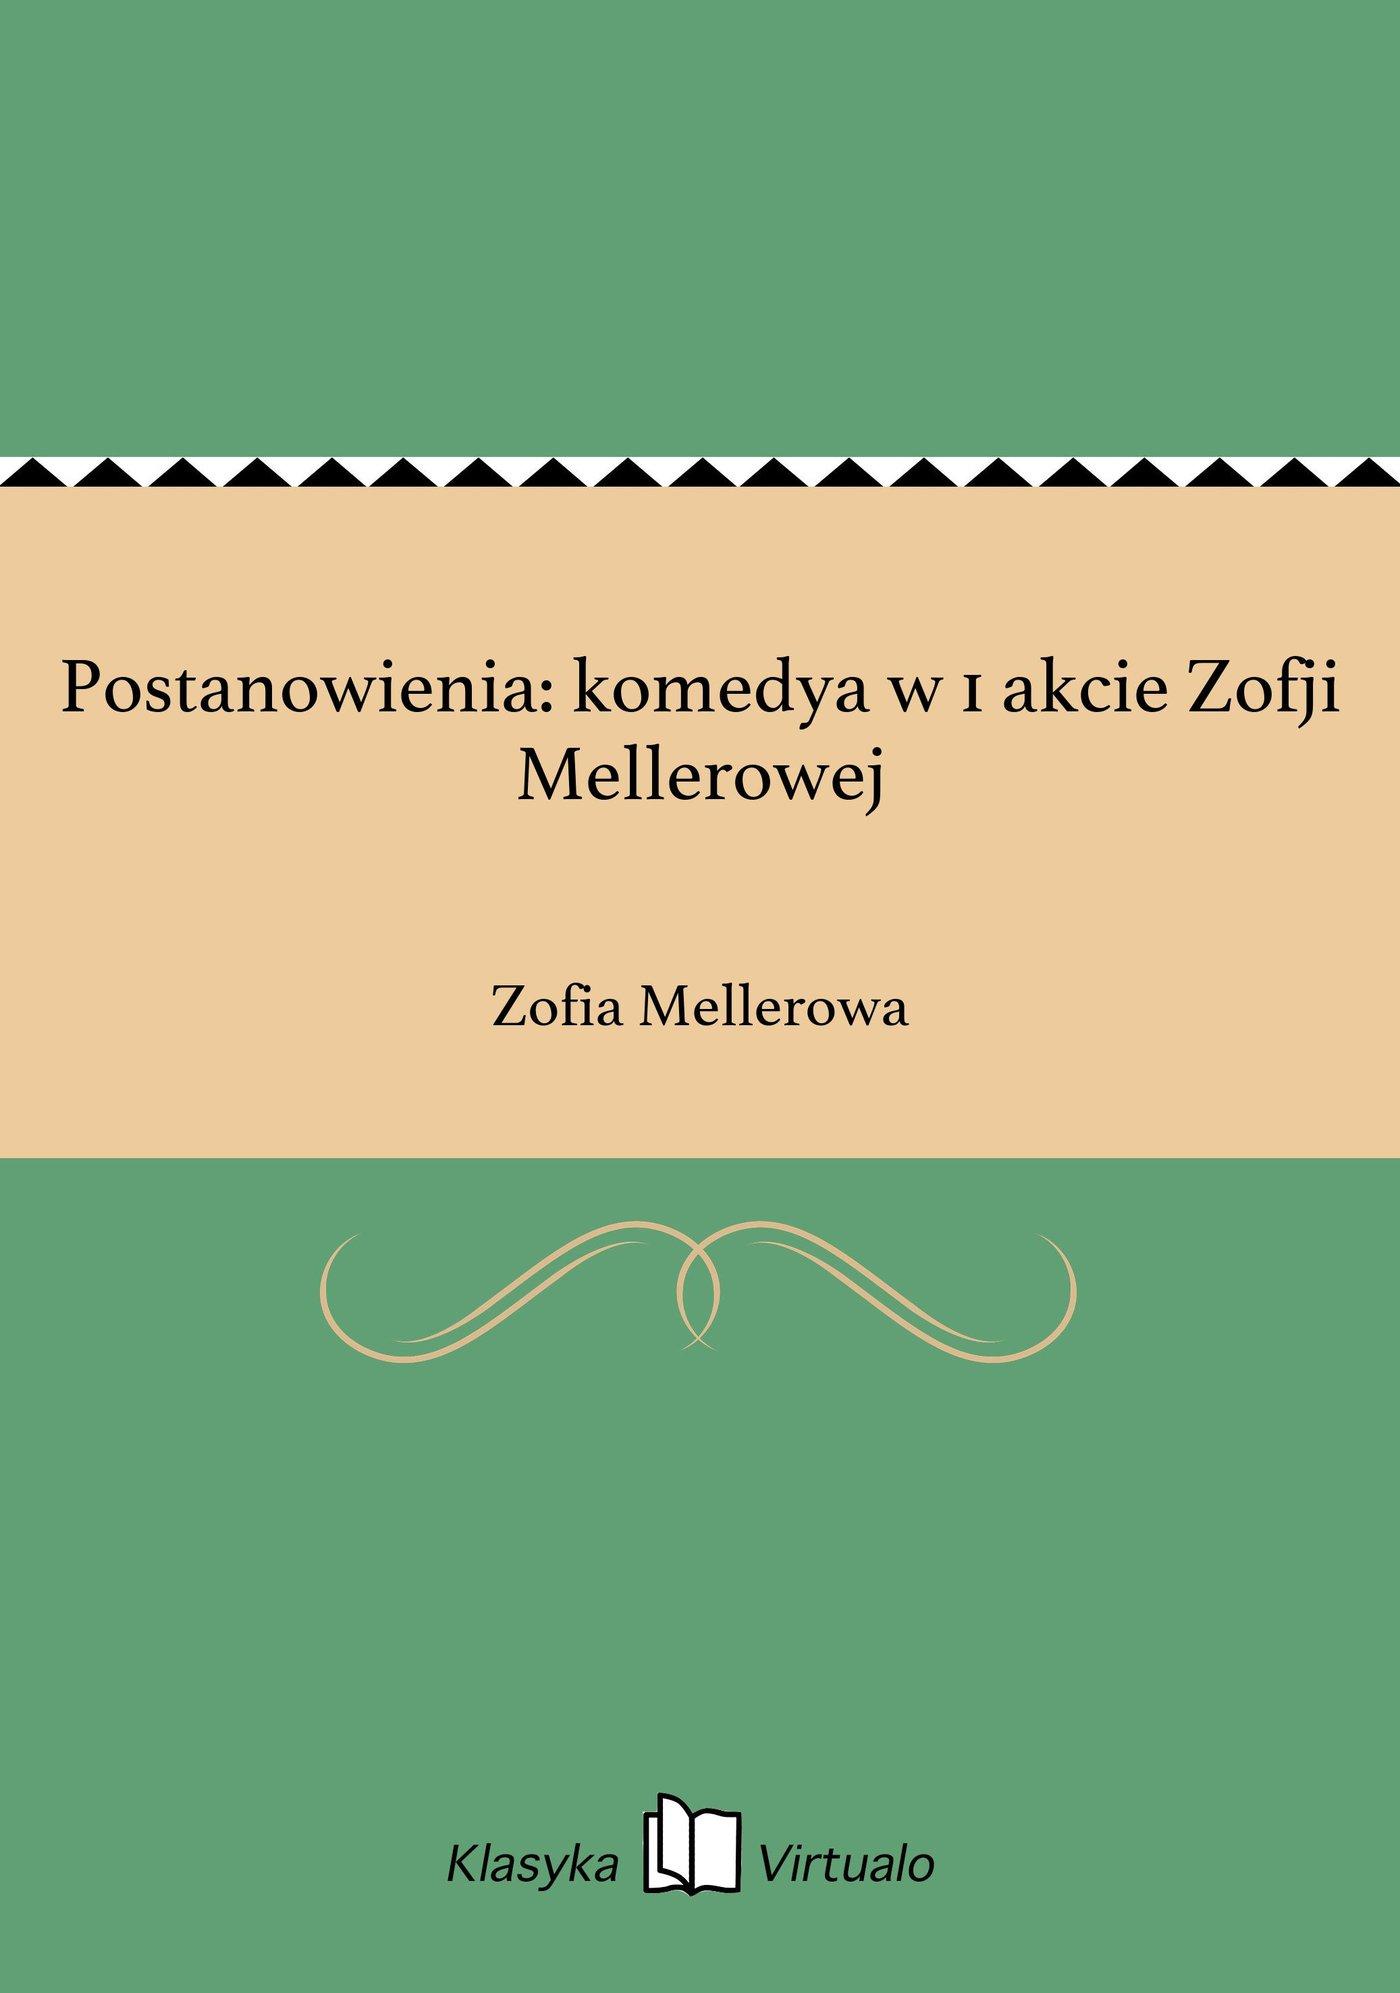 Postanowienia: komedya w 1 akcie Zofji Mellerowej - Ebook (Książka EPUB) do pobrania w formacie EPUB